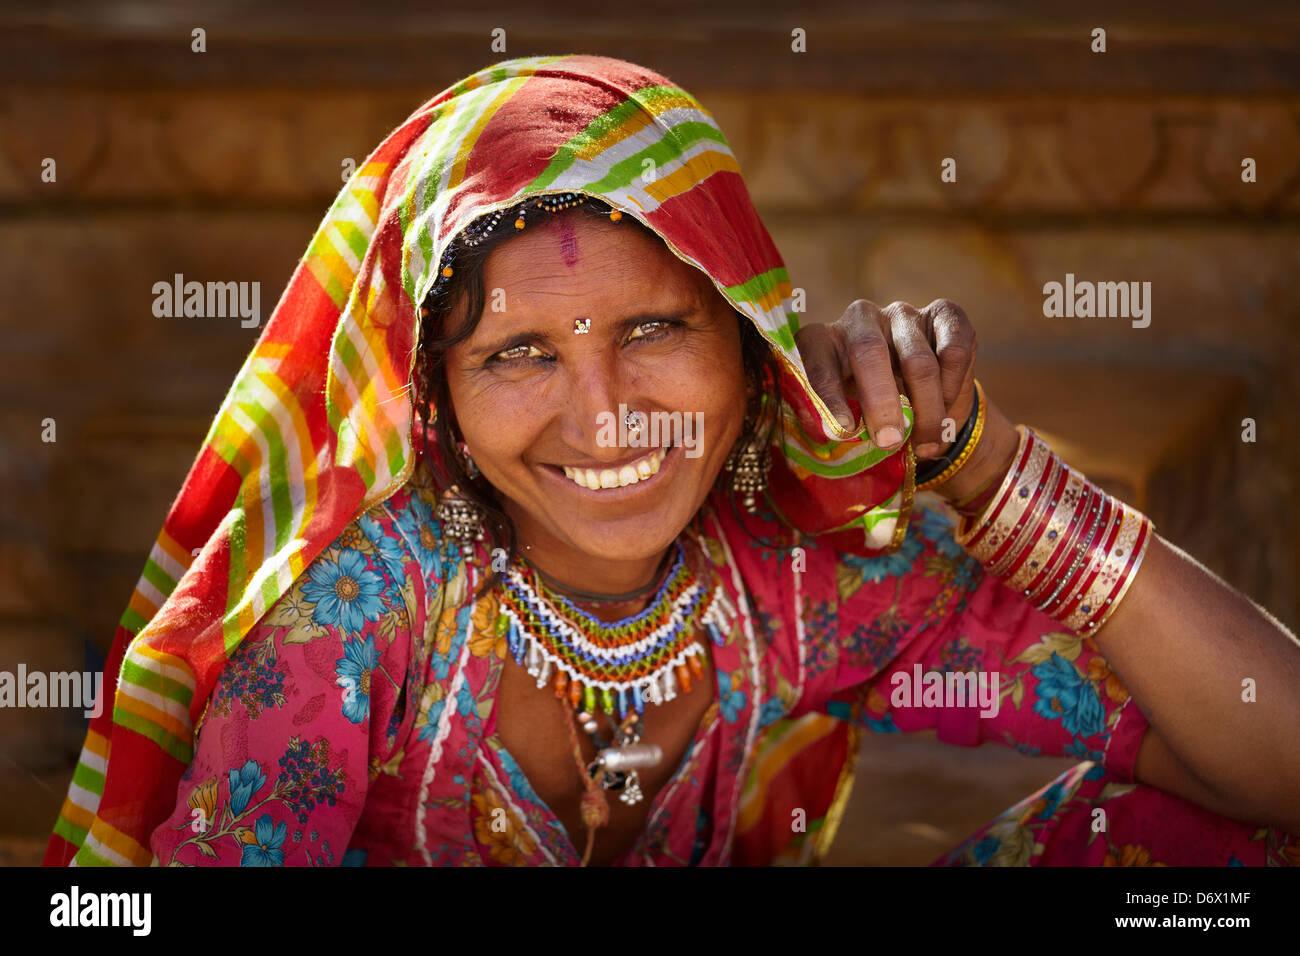 Retrato de mujer india sonriente, Jaisalmer, Estado de Rajasthan, India Imagen De Stock